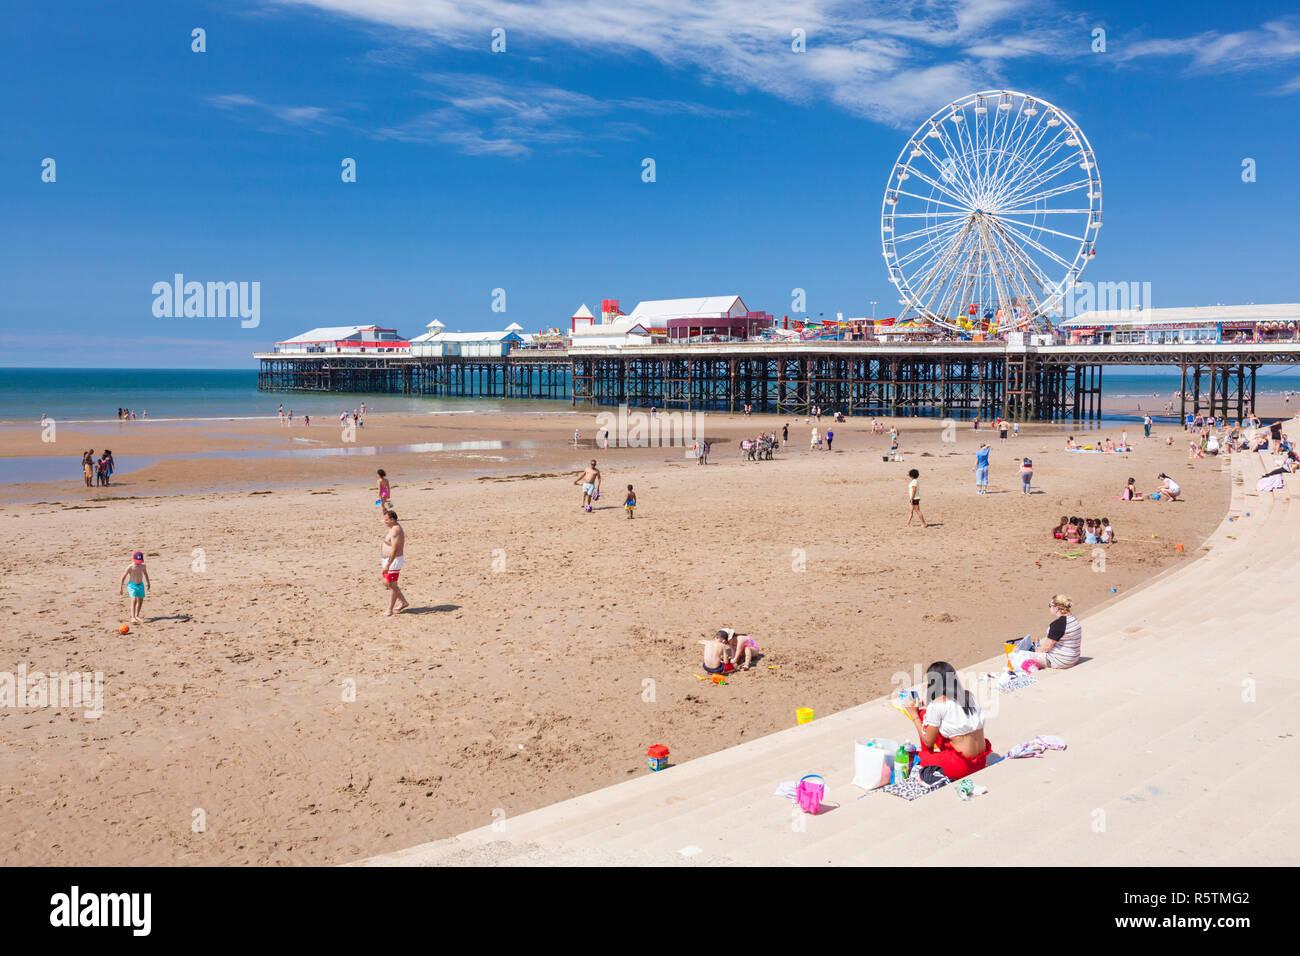 Strand von Blackpool Sommer Riesenrad auf Blackpool Central Pier in Blackpool mit Menschen am Sandstrand bei Blackpool Lancashire England UK GB Europa Stockbild